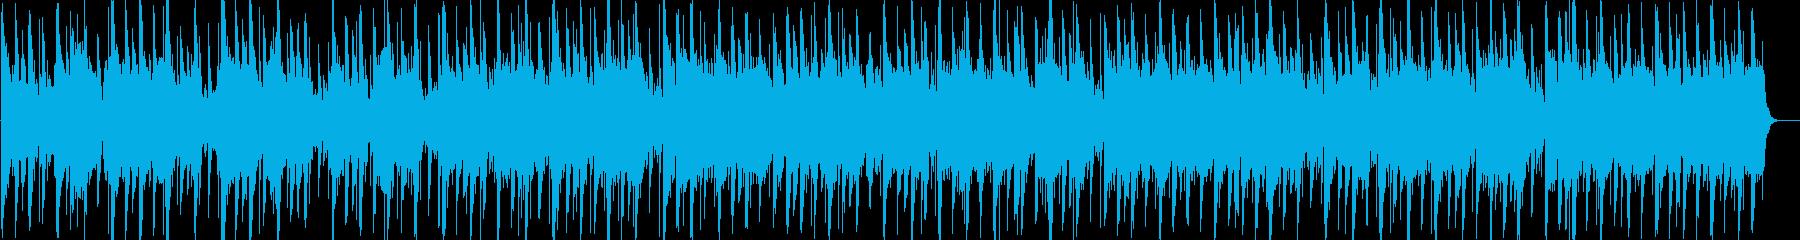 和風 雅な尺八と琴のASIAテイストの再生済みの波形